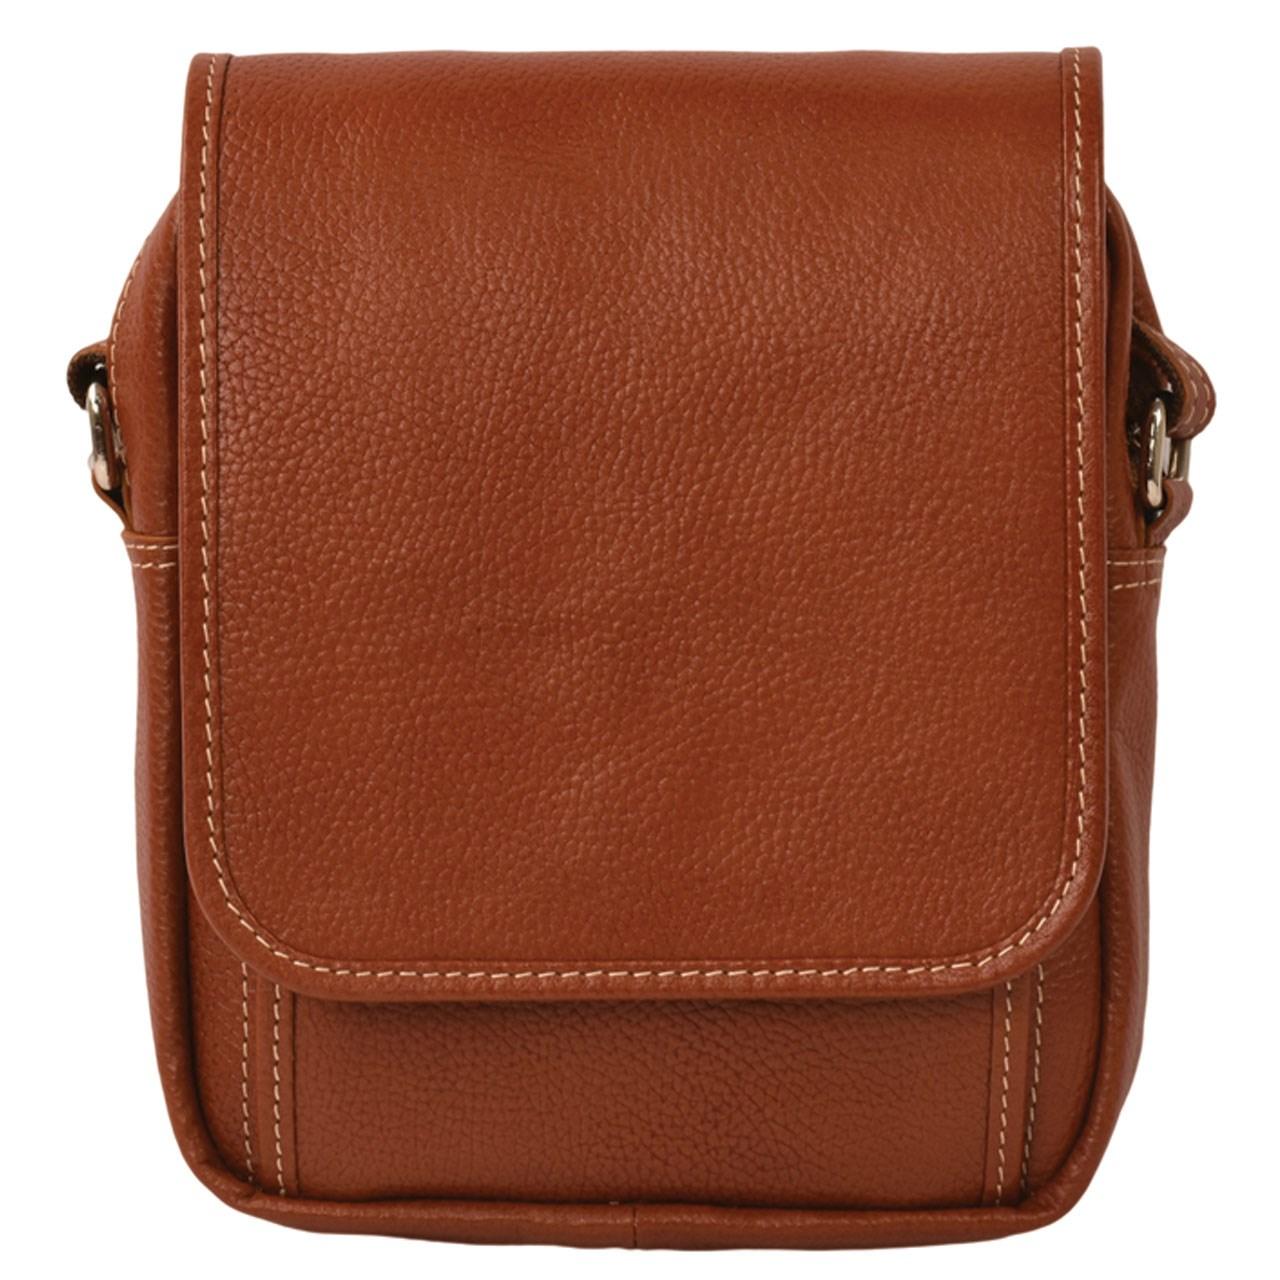 کیف دوشی چرم طبیعی کهن چرم مدل db61